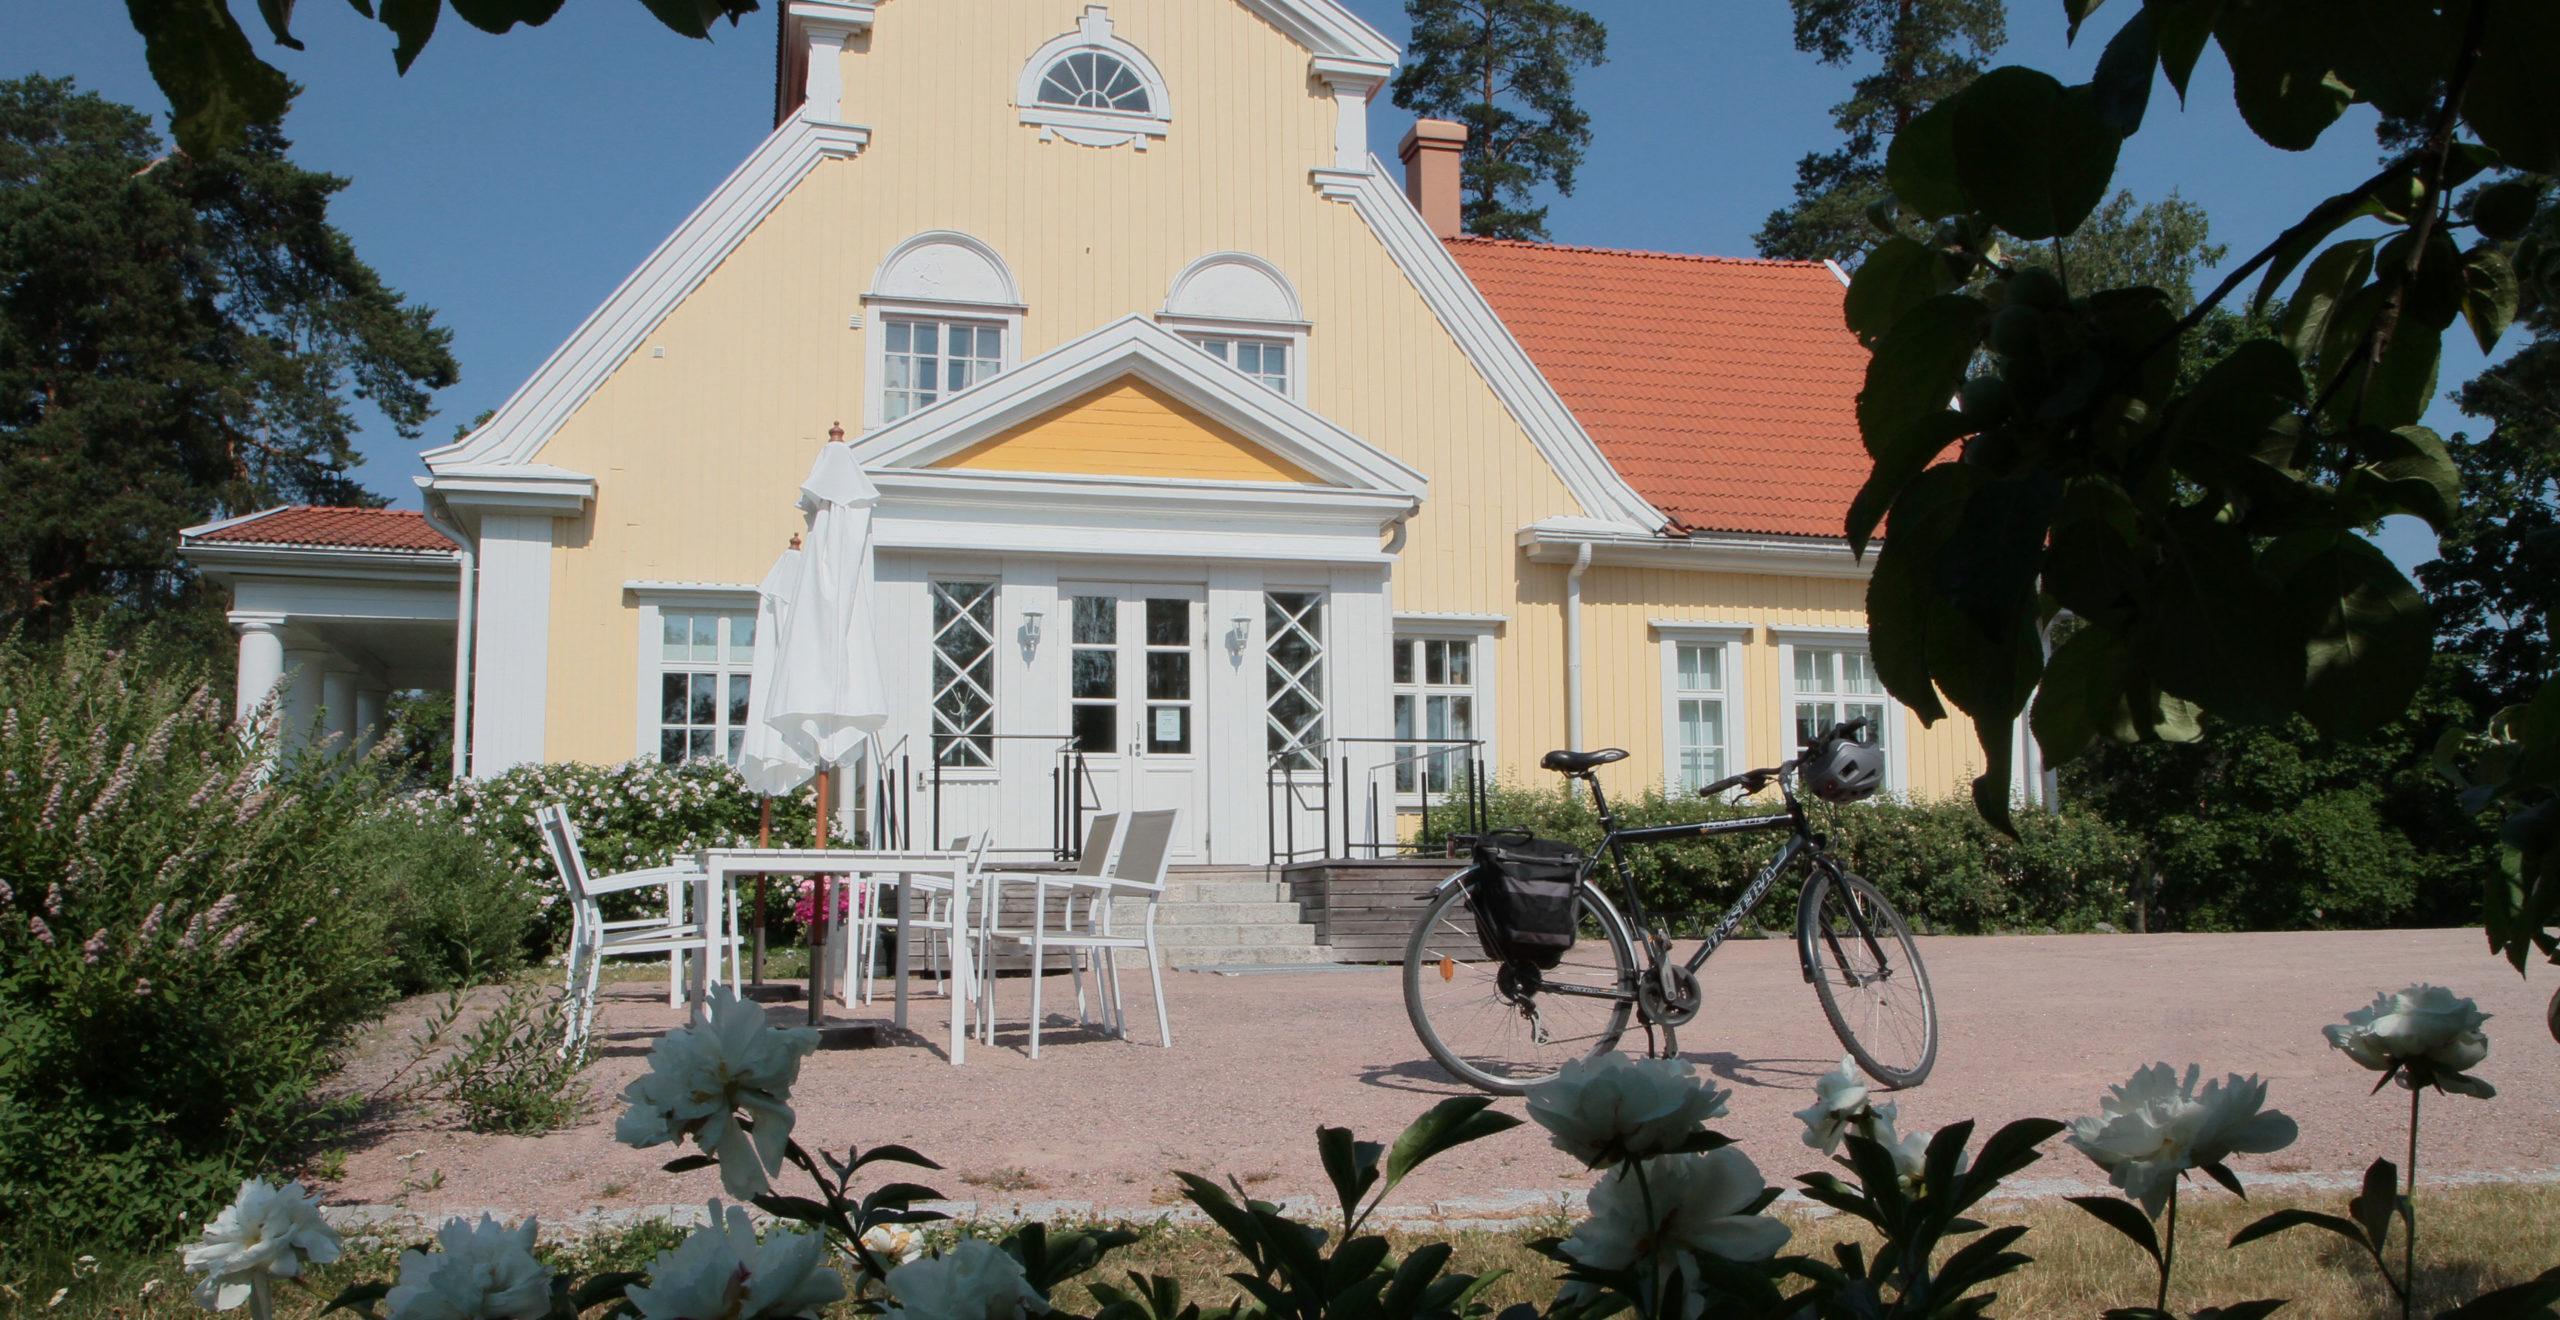 Kallio-Kuninkalassa on kahvila. Talo sijaitsee mäen päällä ja sieltä on hieno näköala Tuusulanjärvelle.